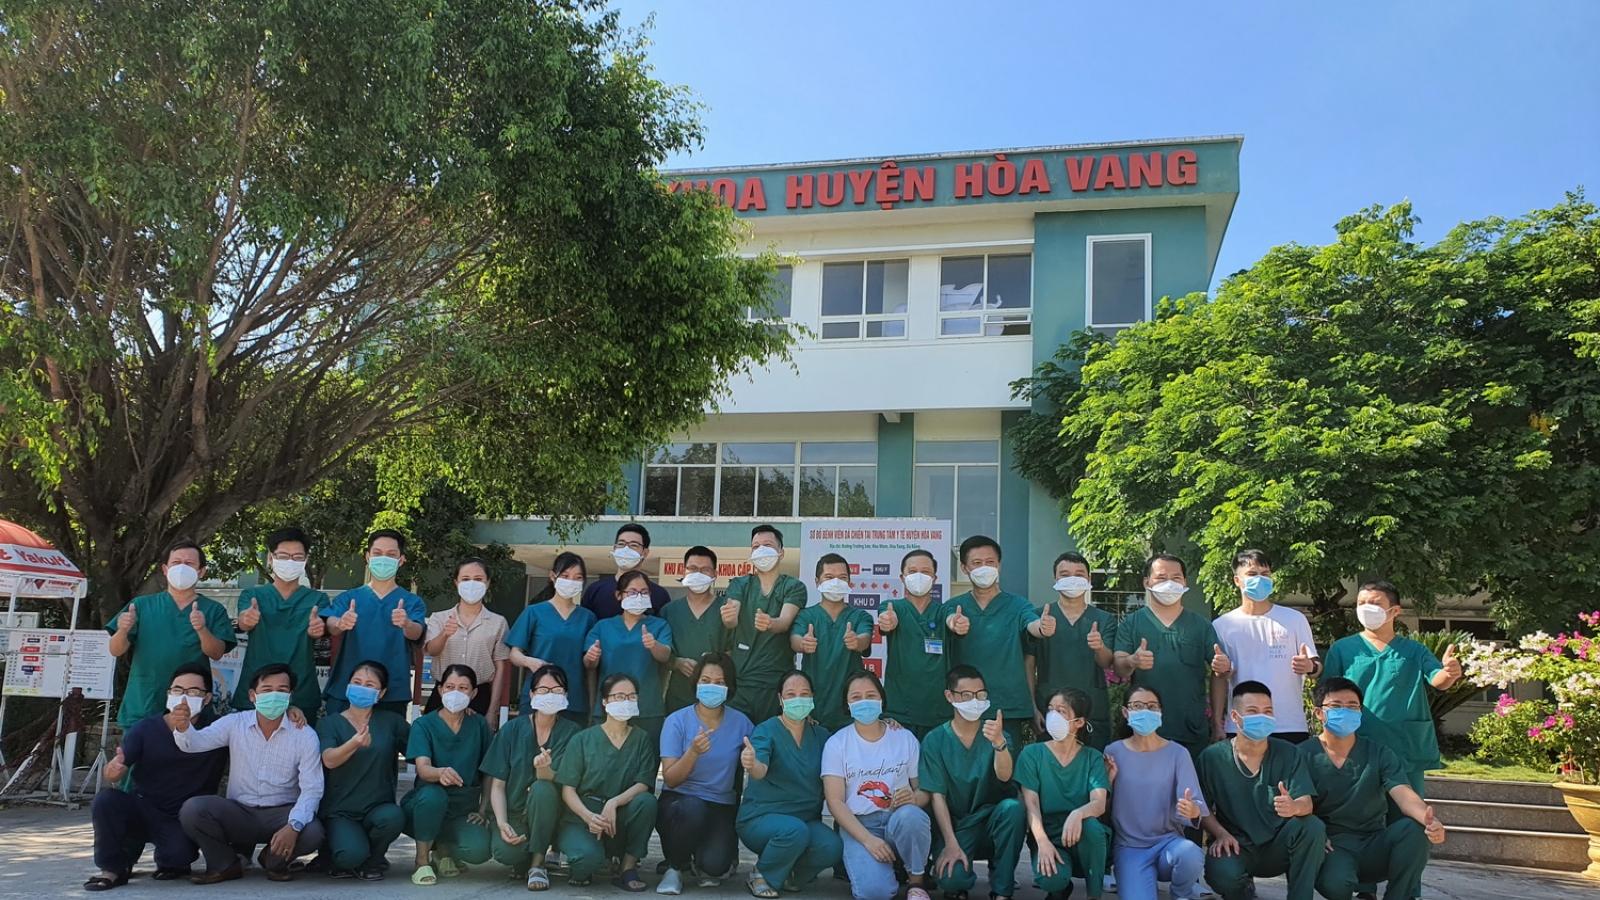 Tạm dừng tiếp nhận cấp cứu, khám bệnh tại trung tâm y tế Hòa Vang (Đà Nẵng)